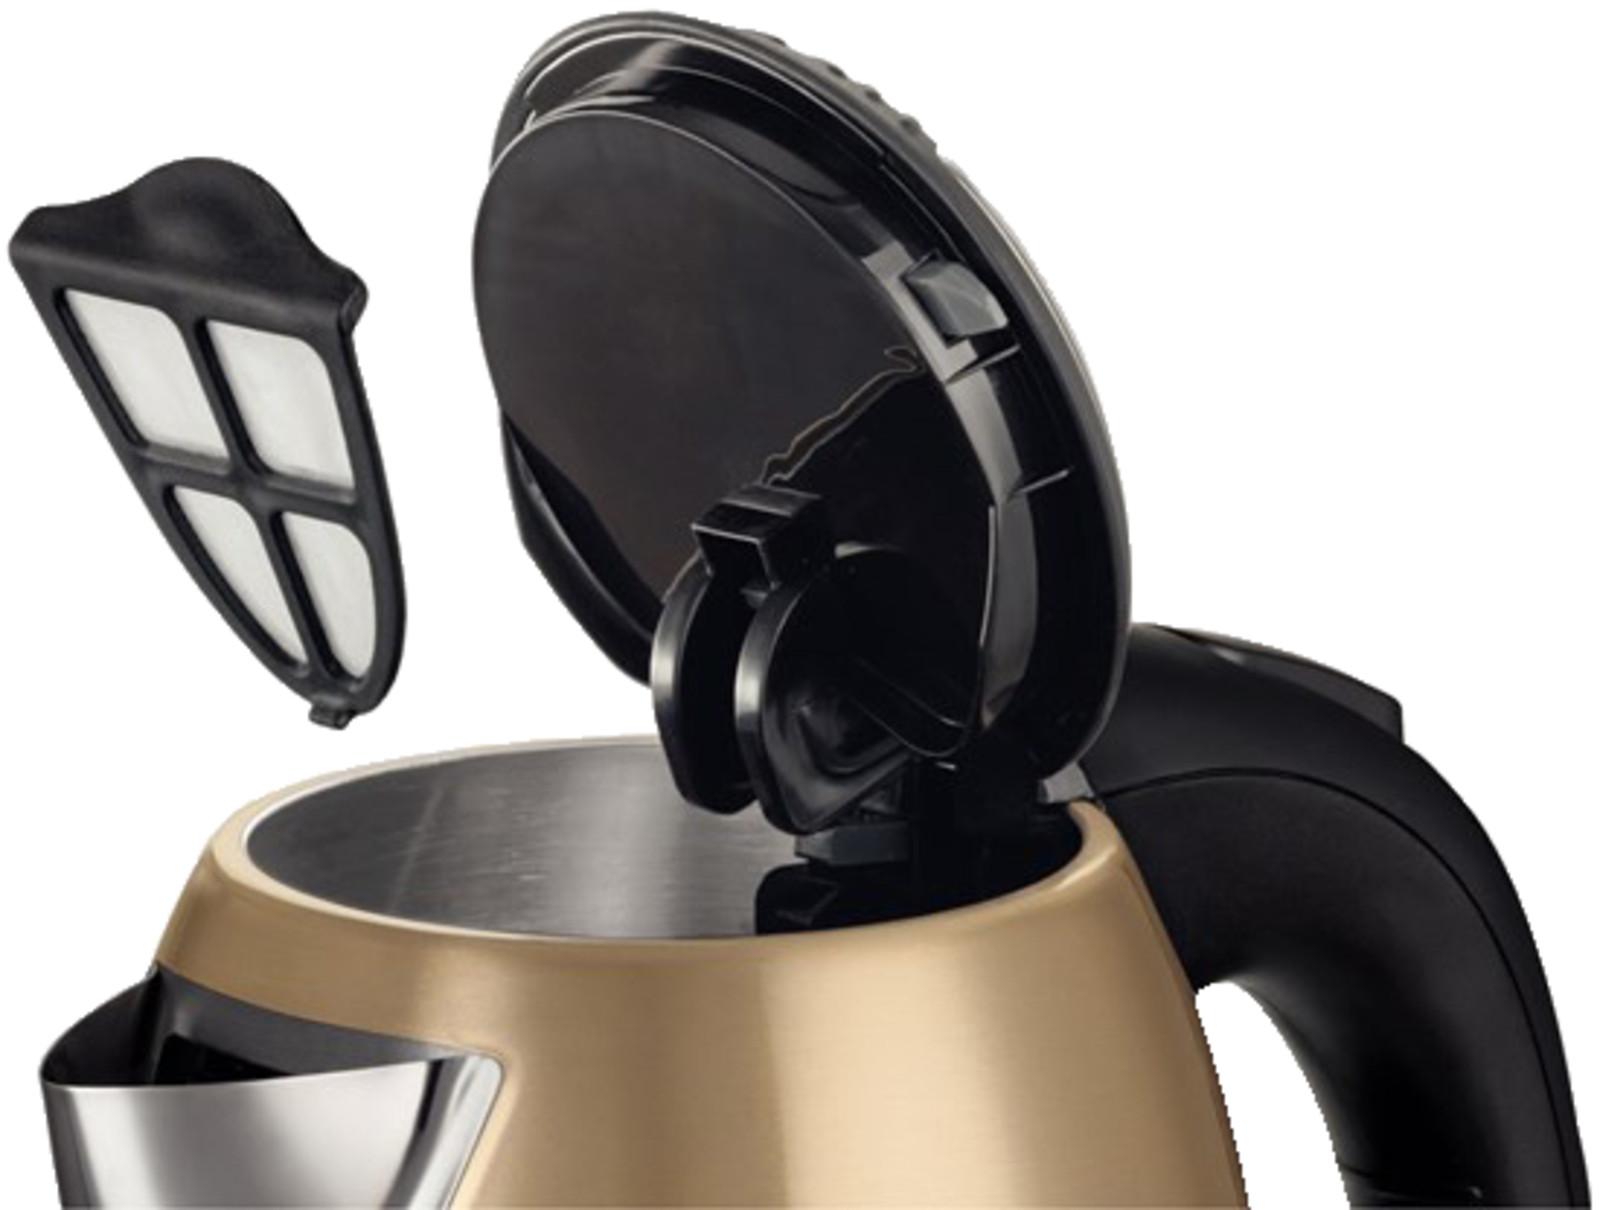 BOSCH TWK 7808 Wasserkocher Gold